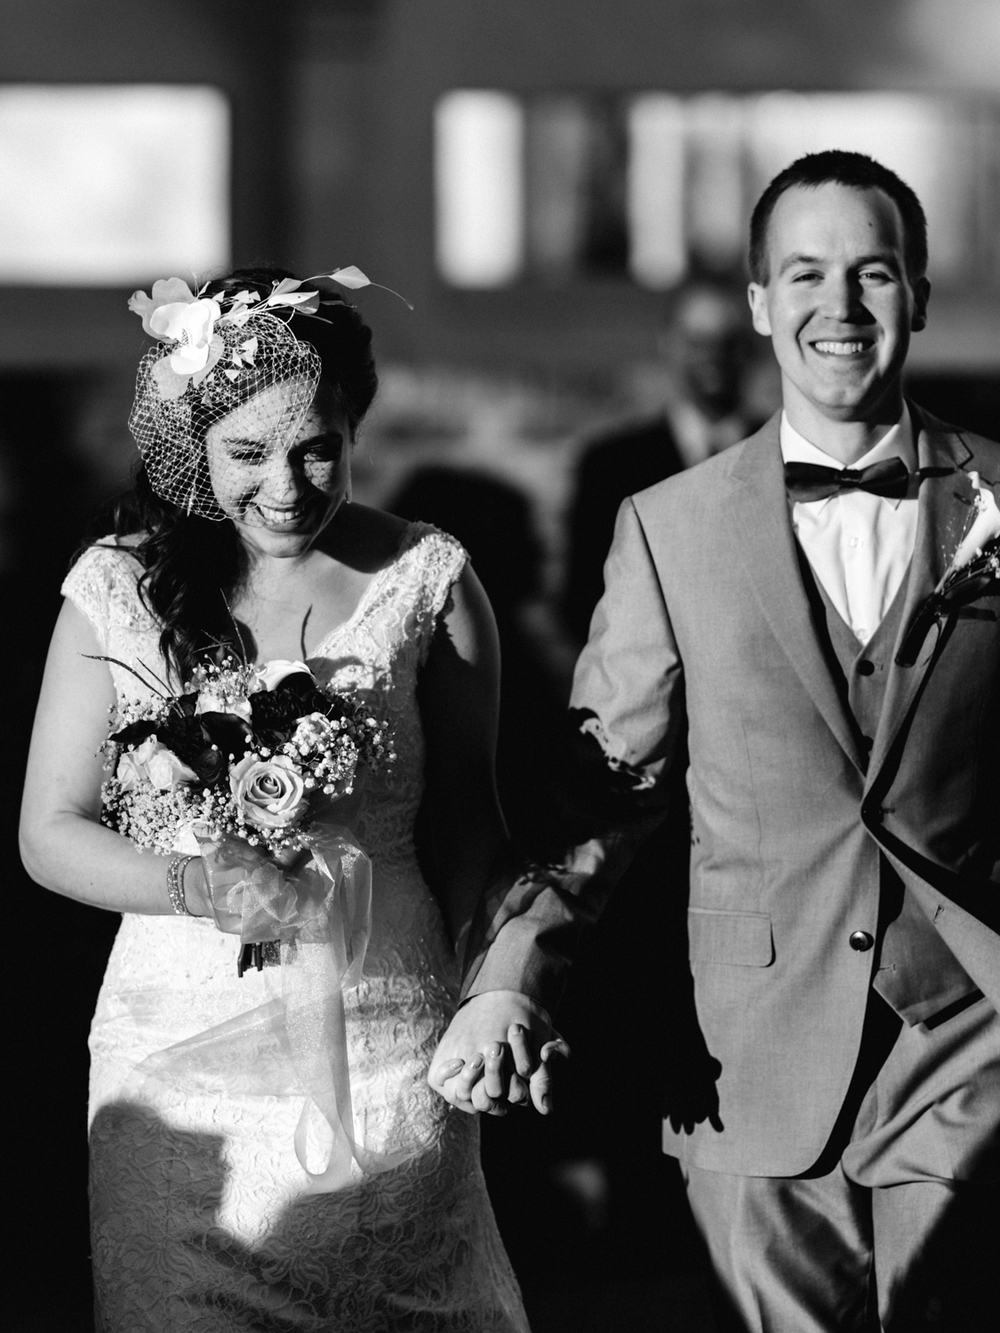 Garden City Wedding Photographer - Neal Dieker - Wichita, Kansas Wedding Photographer-167.jpg